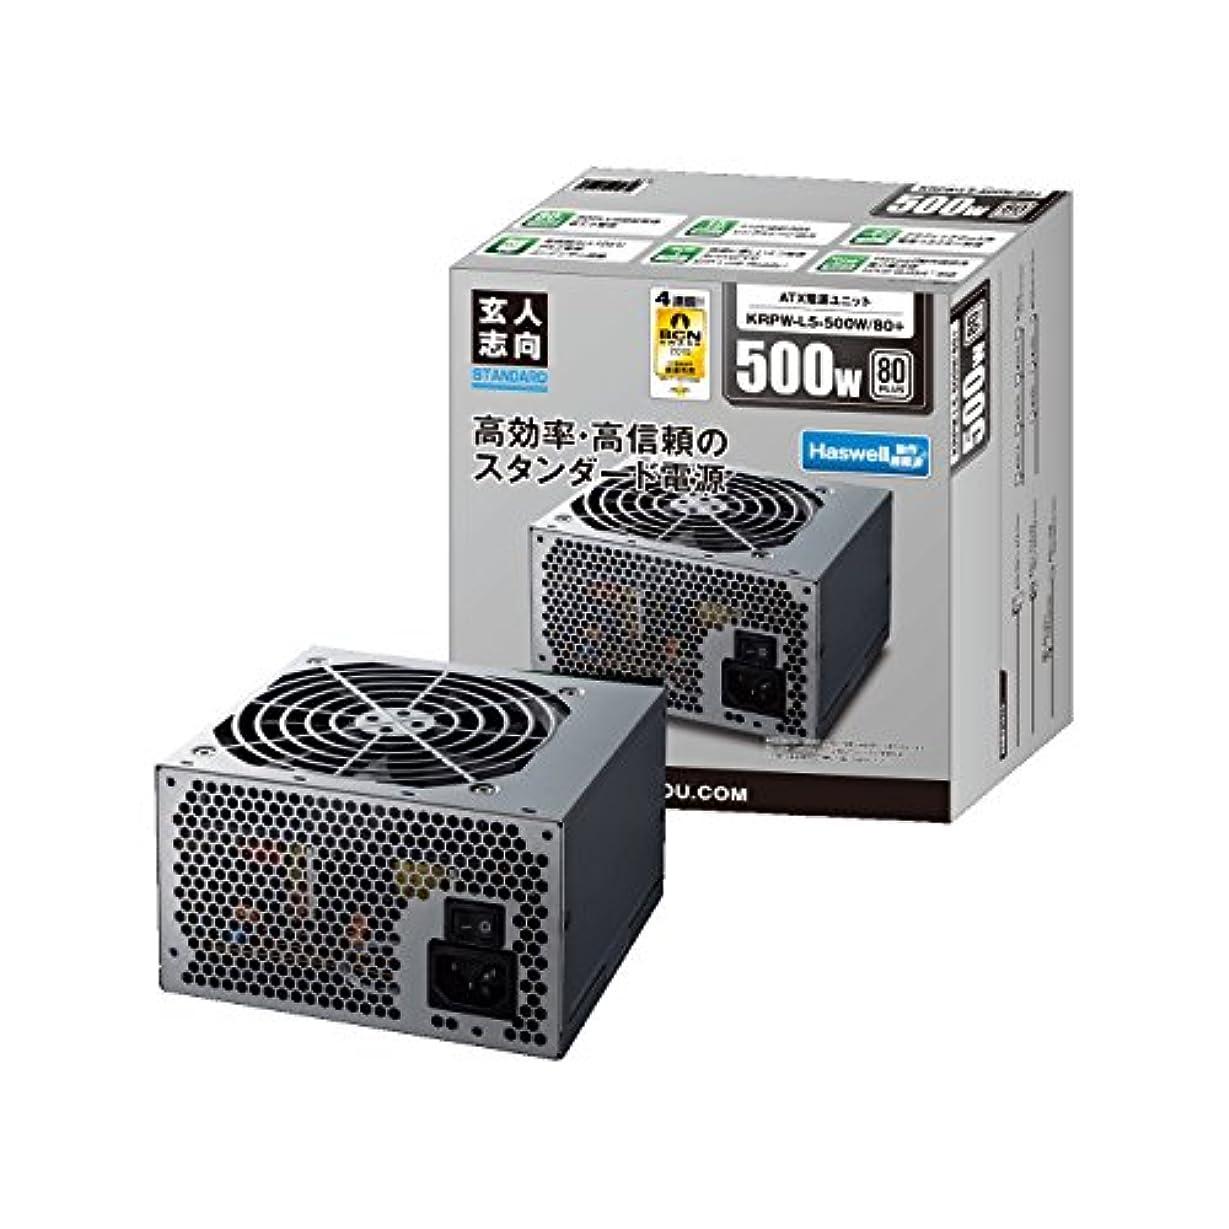 手配する条件付き浮浪者玄人志向 STANDARDシリーズ 80 PLUS 500W ATX電源 KRPW-L5-500W/80+